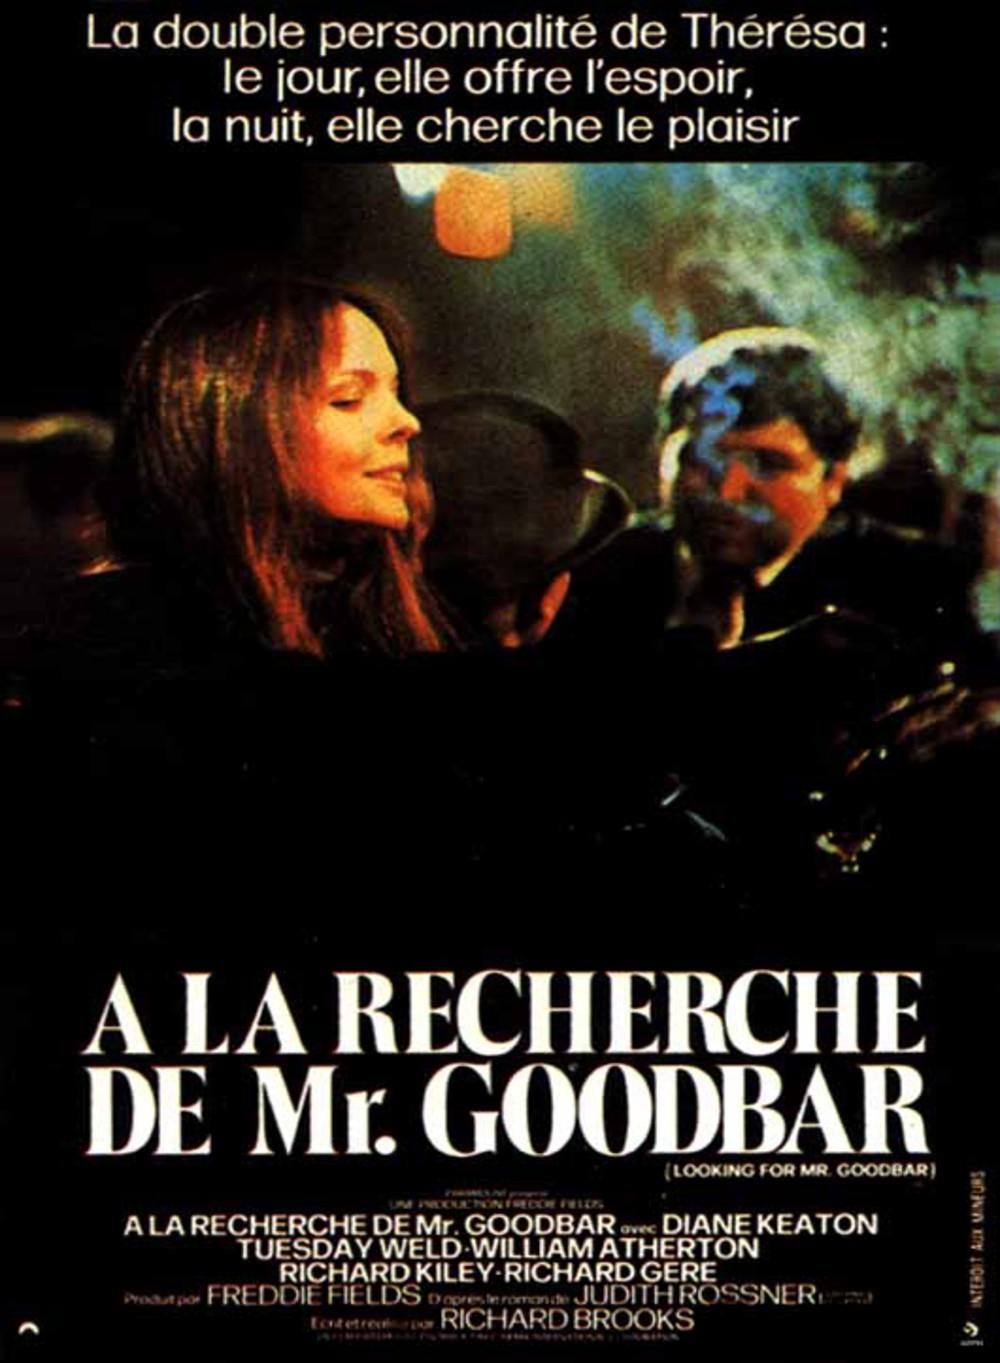 affiche du film À la recherche de Mr. Goodbar